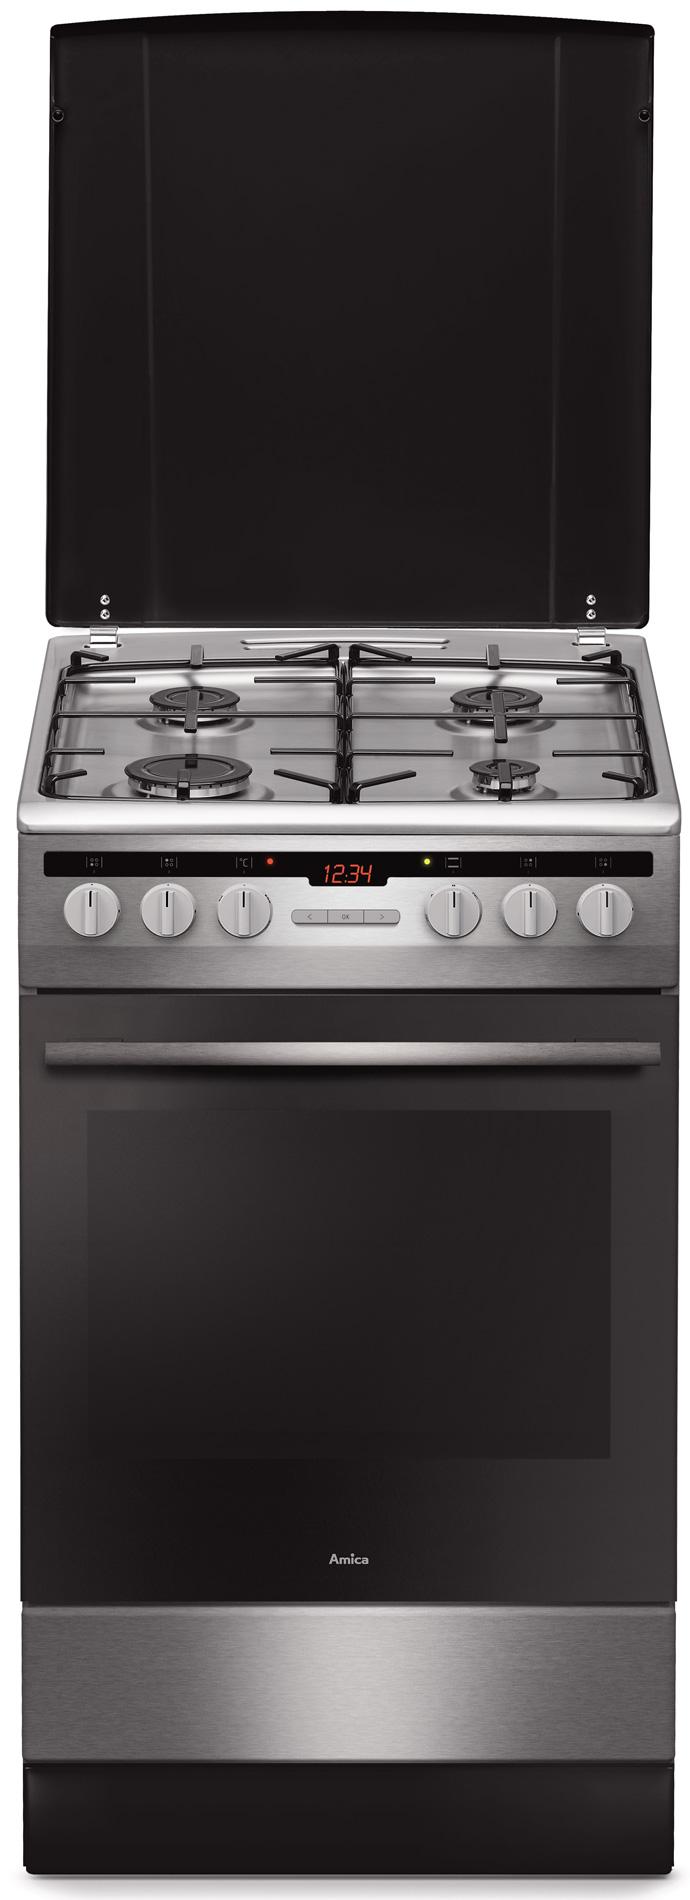 Kuchnia wolnostojąca gazowo elektryczna 57GEH2 33HZpTa(Xx)  Amica -> Kuchnie Elektryczne Indukcyjne Wolnostojące